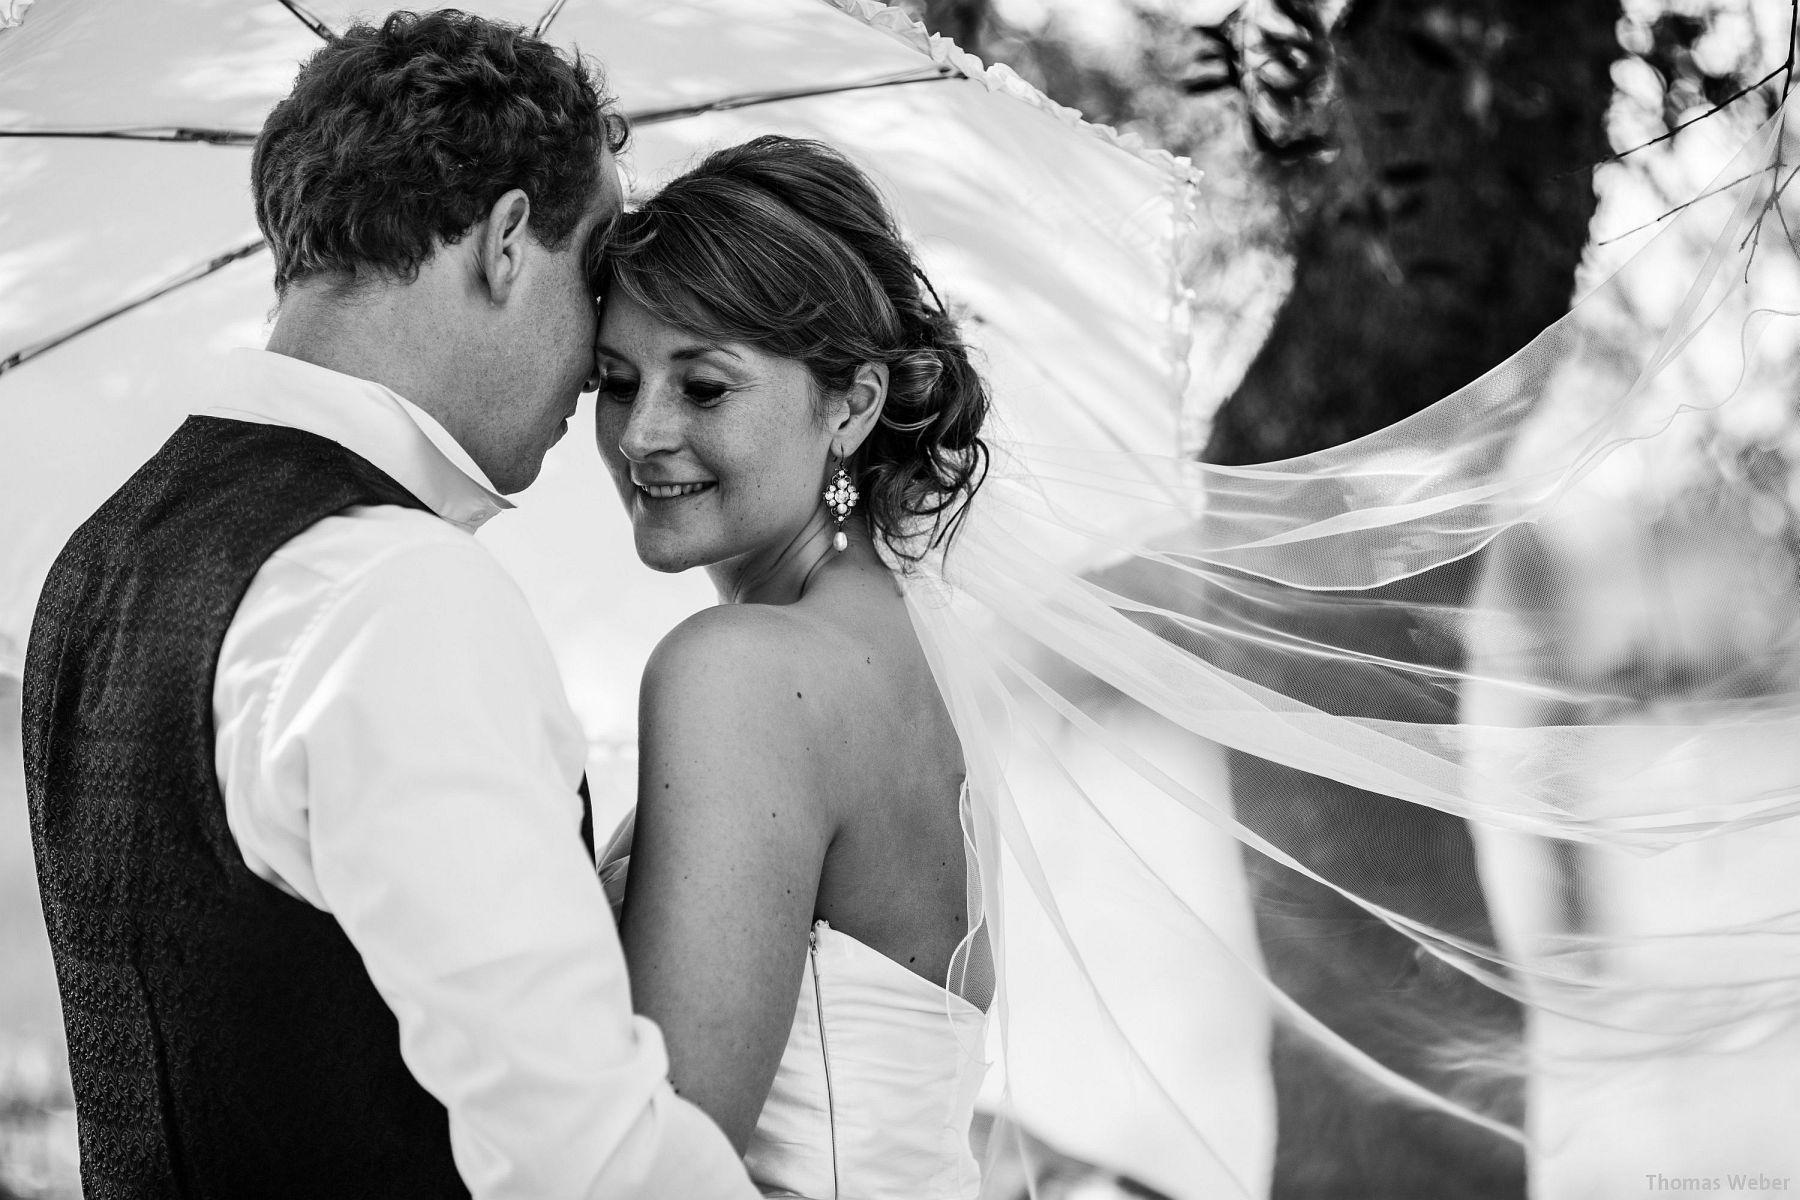 Hochzeitsfotograf Thomas Weber aus Oldenburg: Hochzeitsfotos und Paarfotos auf Mallorca (20)